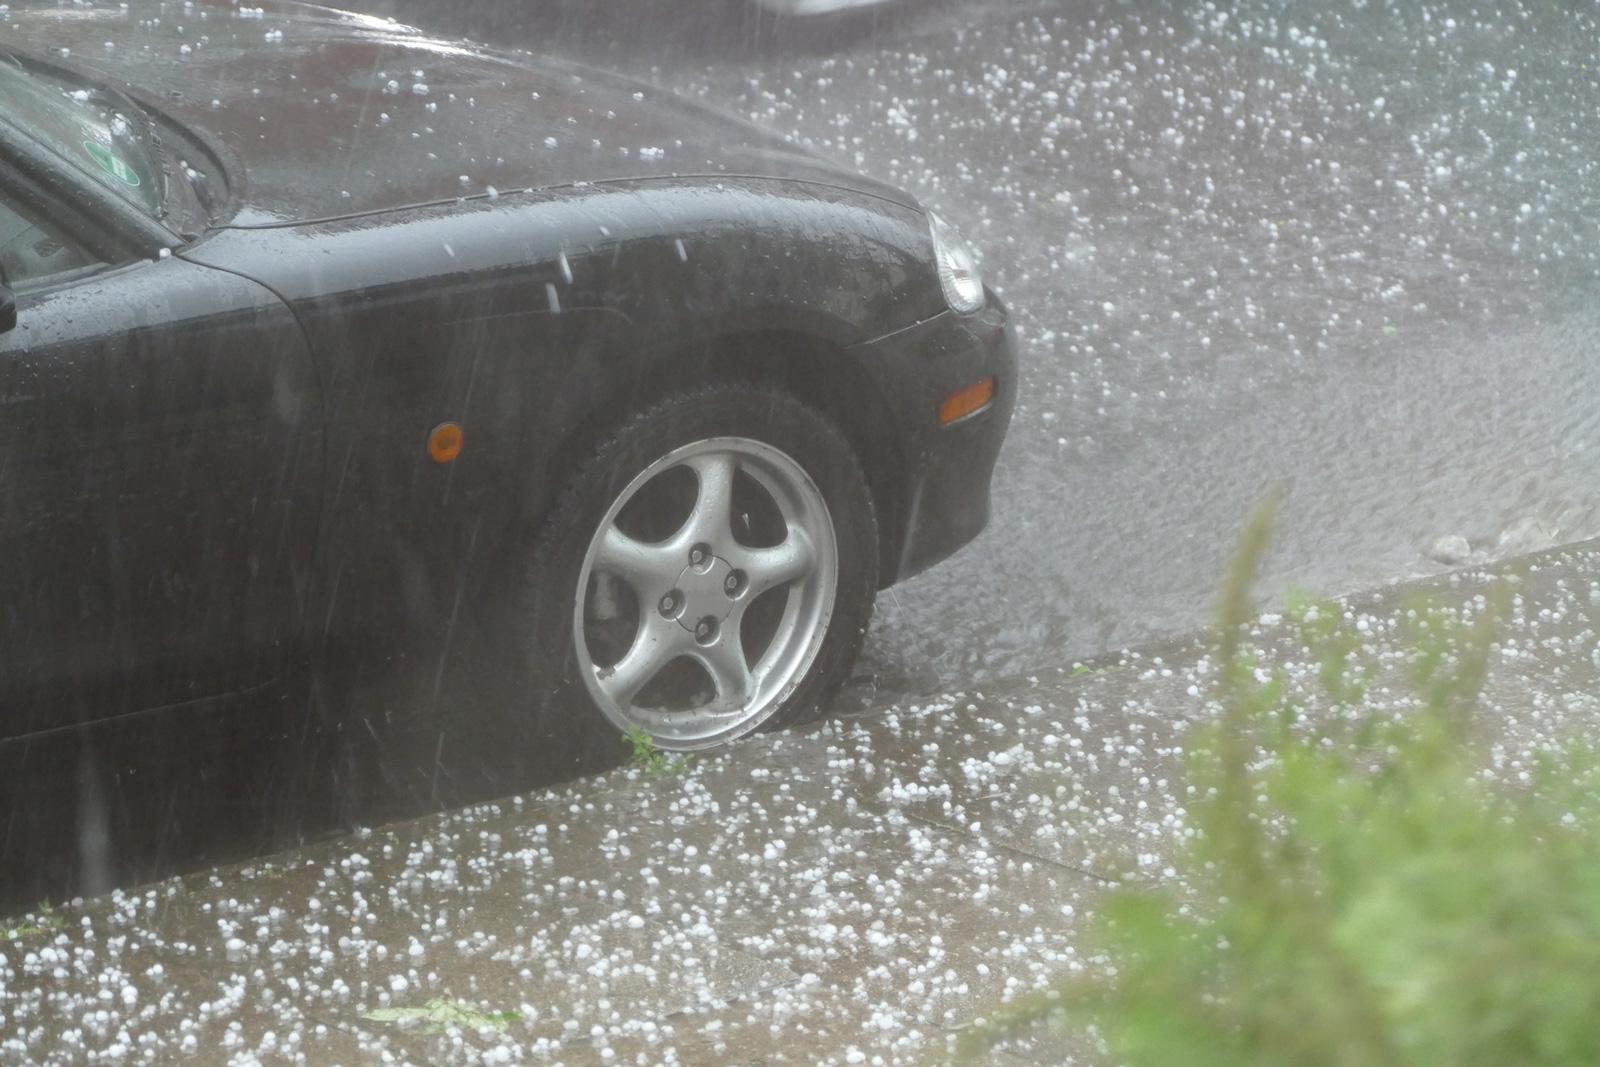 Unwetterschäden: Nur wer rechtzeitig vor starkem Hagel gewarnt wird, kann sein Auto vor den Eiskugeln schützen.